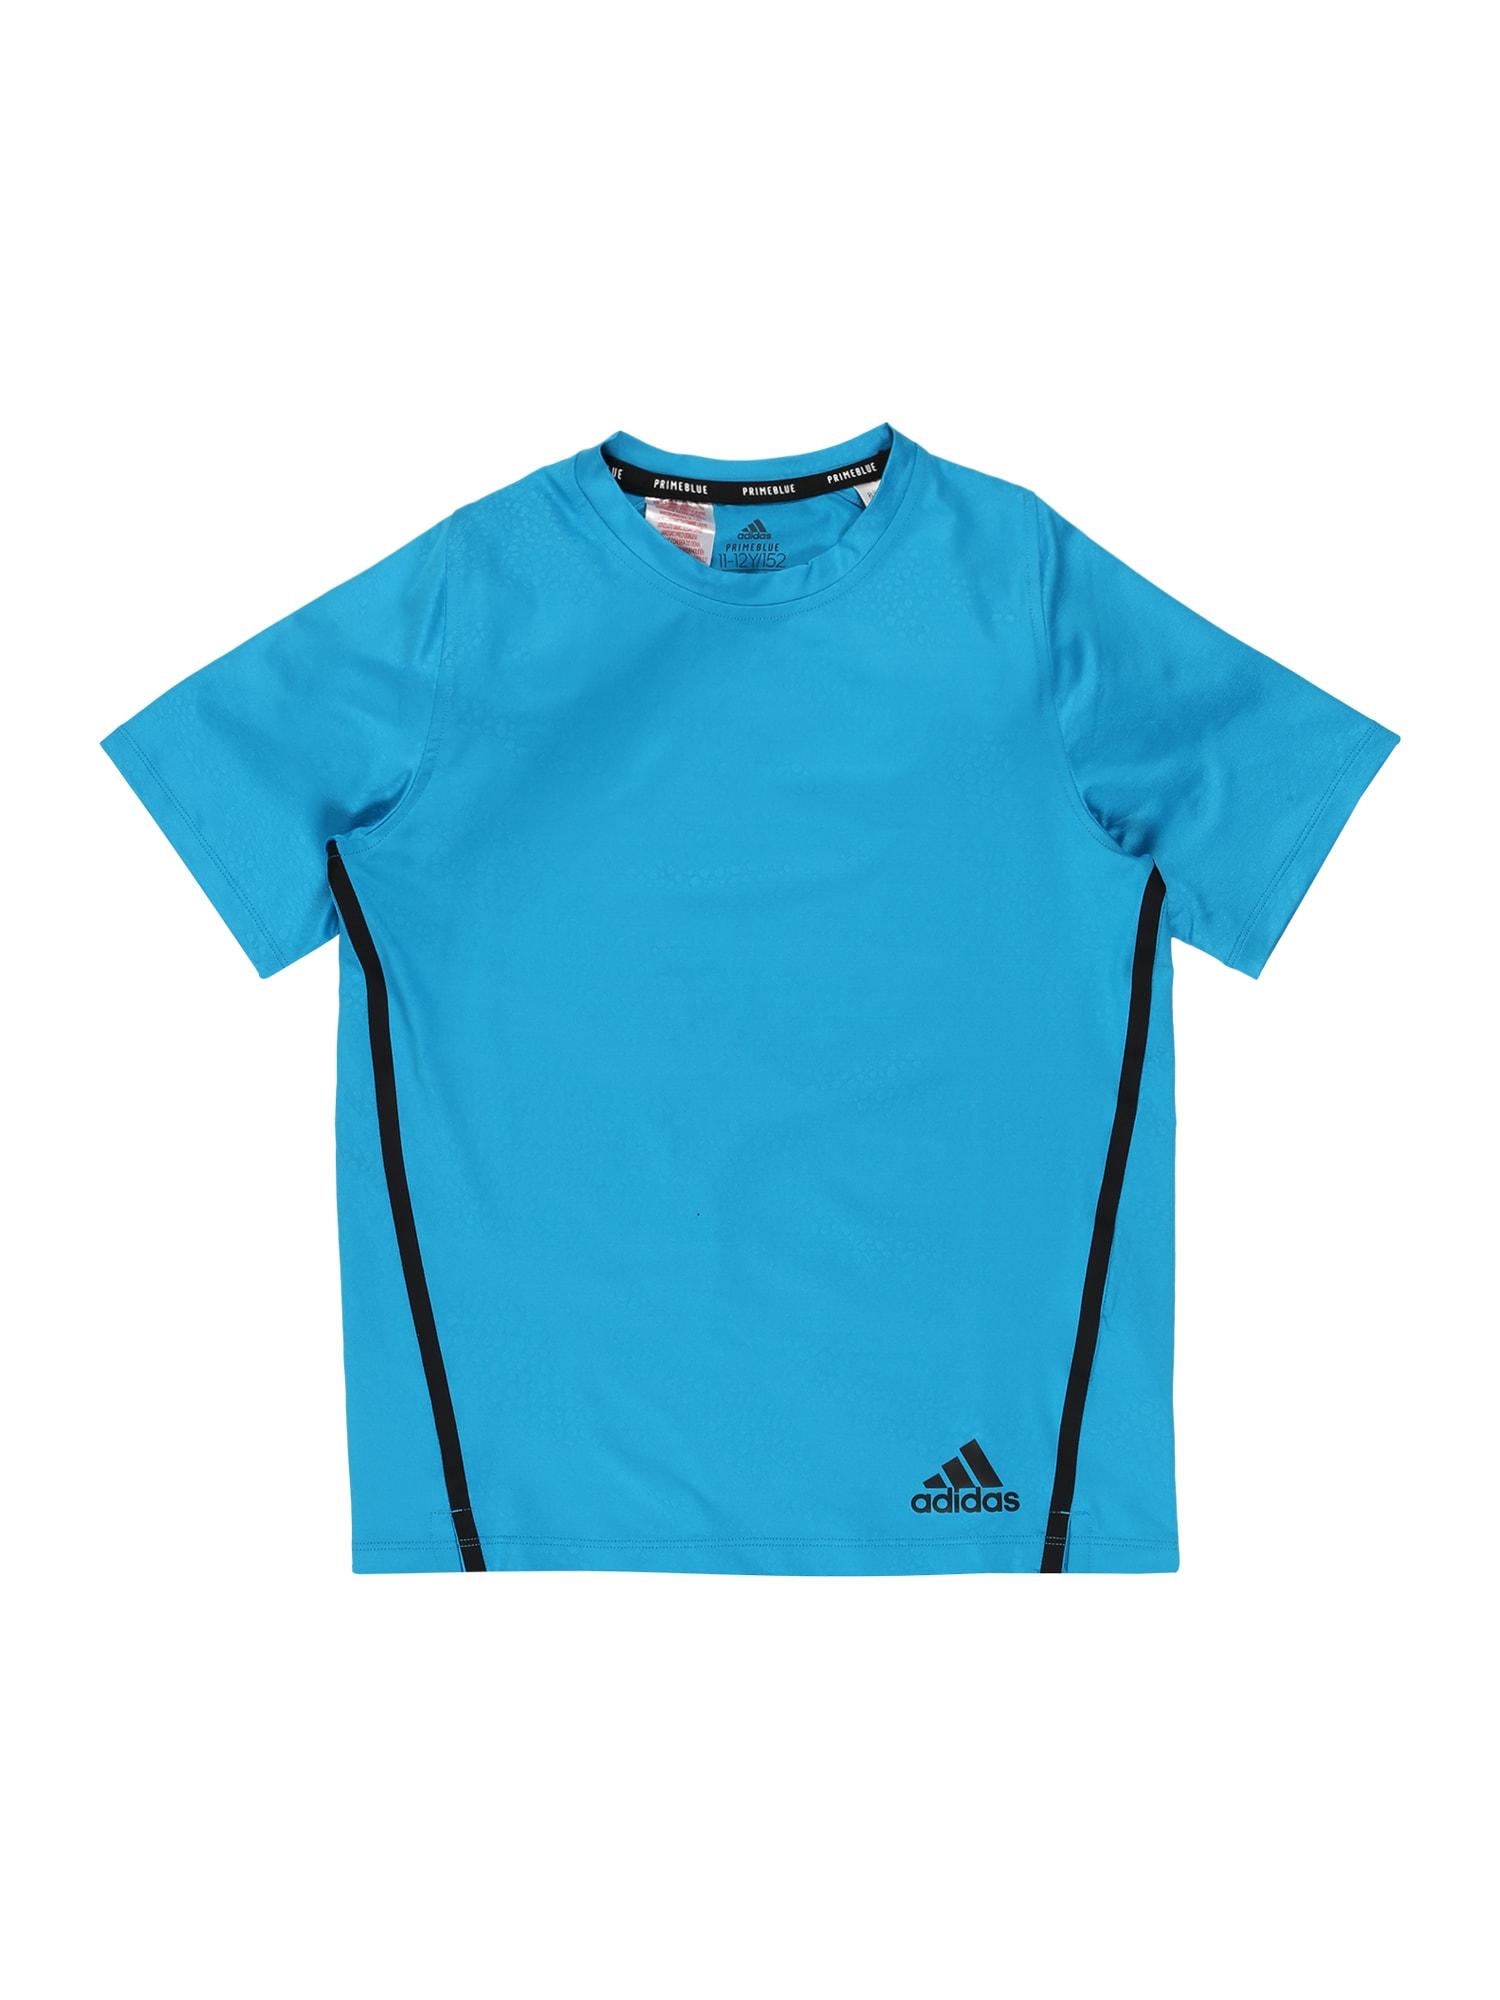 ADIDAS PERFORMANCE Funkčné tričko 'Primeblue'  nebesky modrá / tmavomodrá